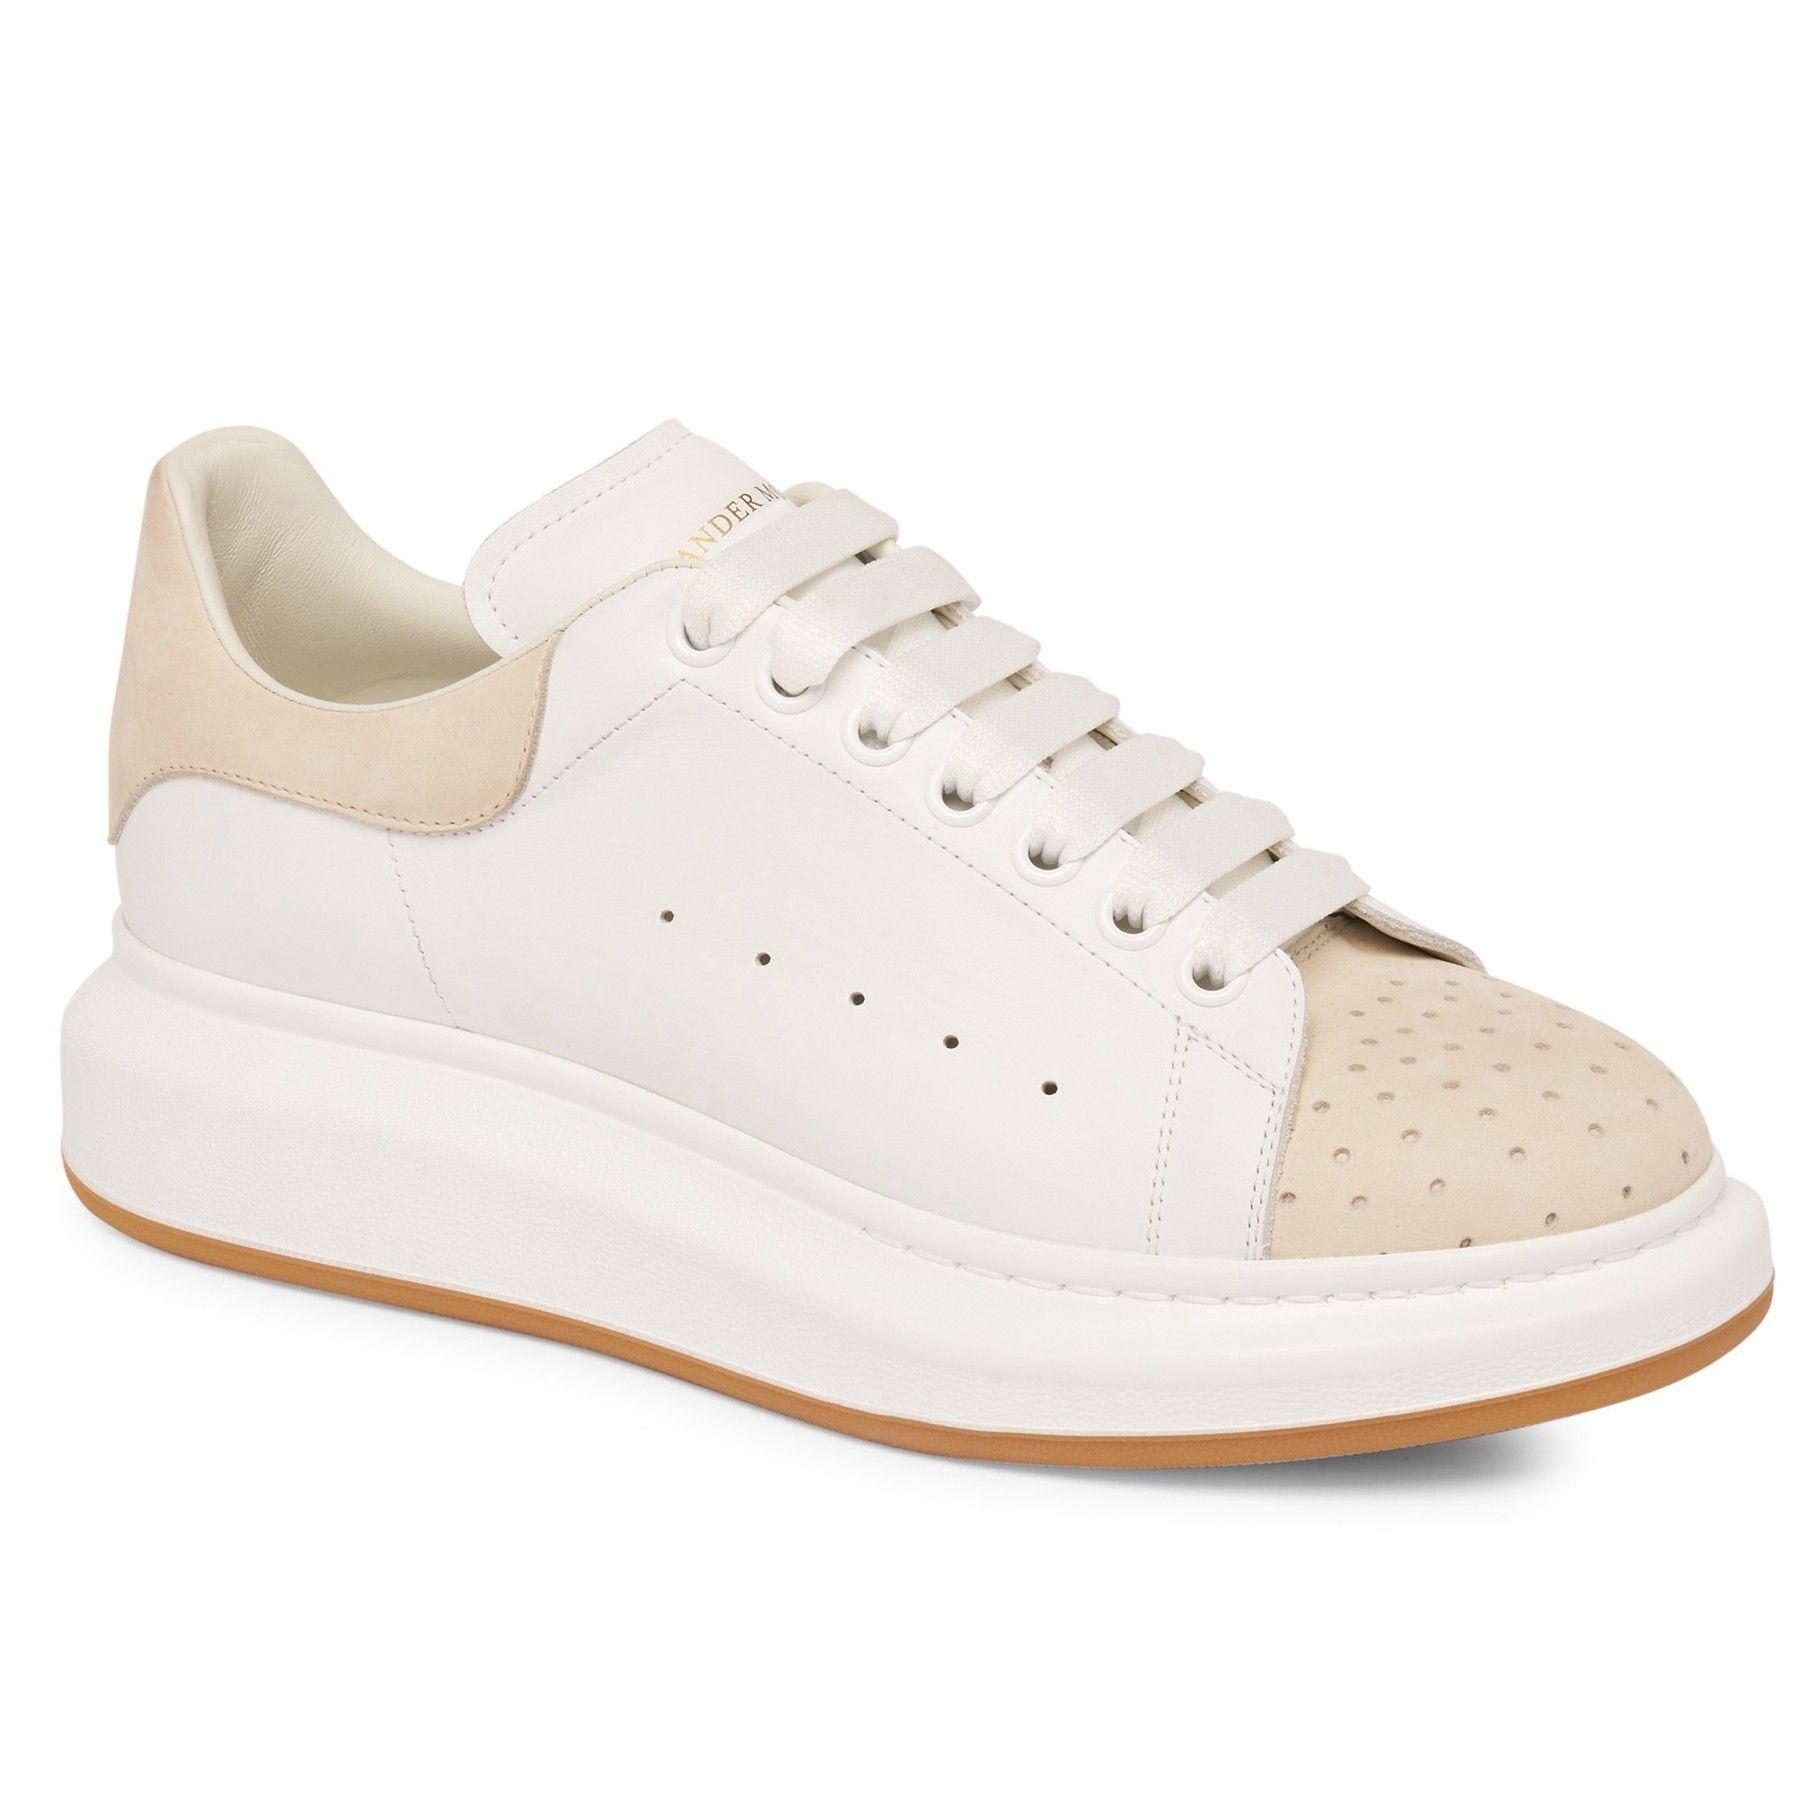 Alexander McQueenLow-Top Platform Sneakers Pz5lHf